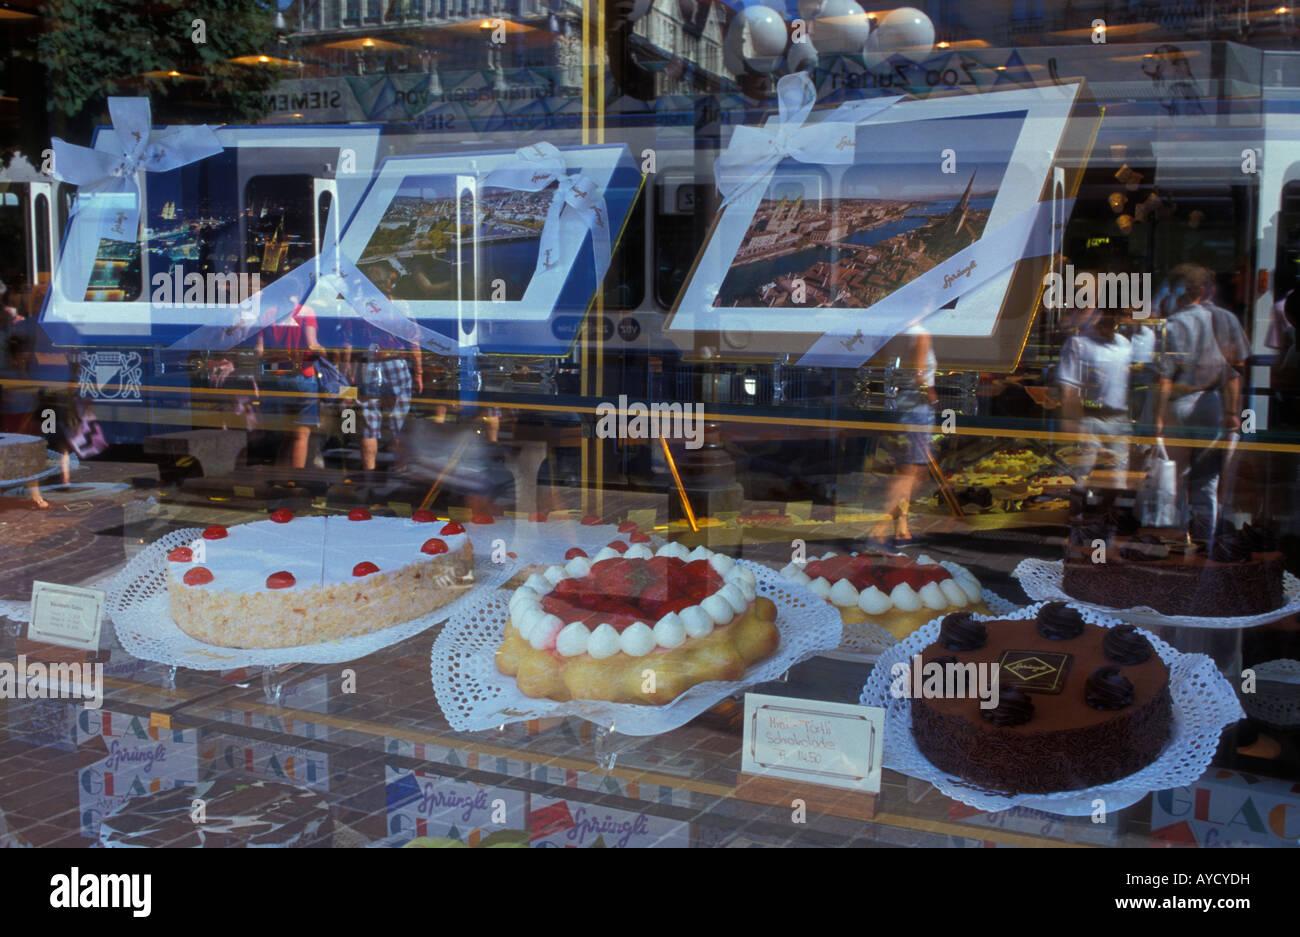 Vitrine avec des gâteaux de pâtisserie Sprungli célèbre de Zurich en Suisse